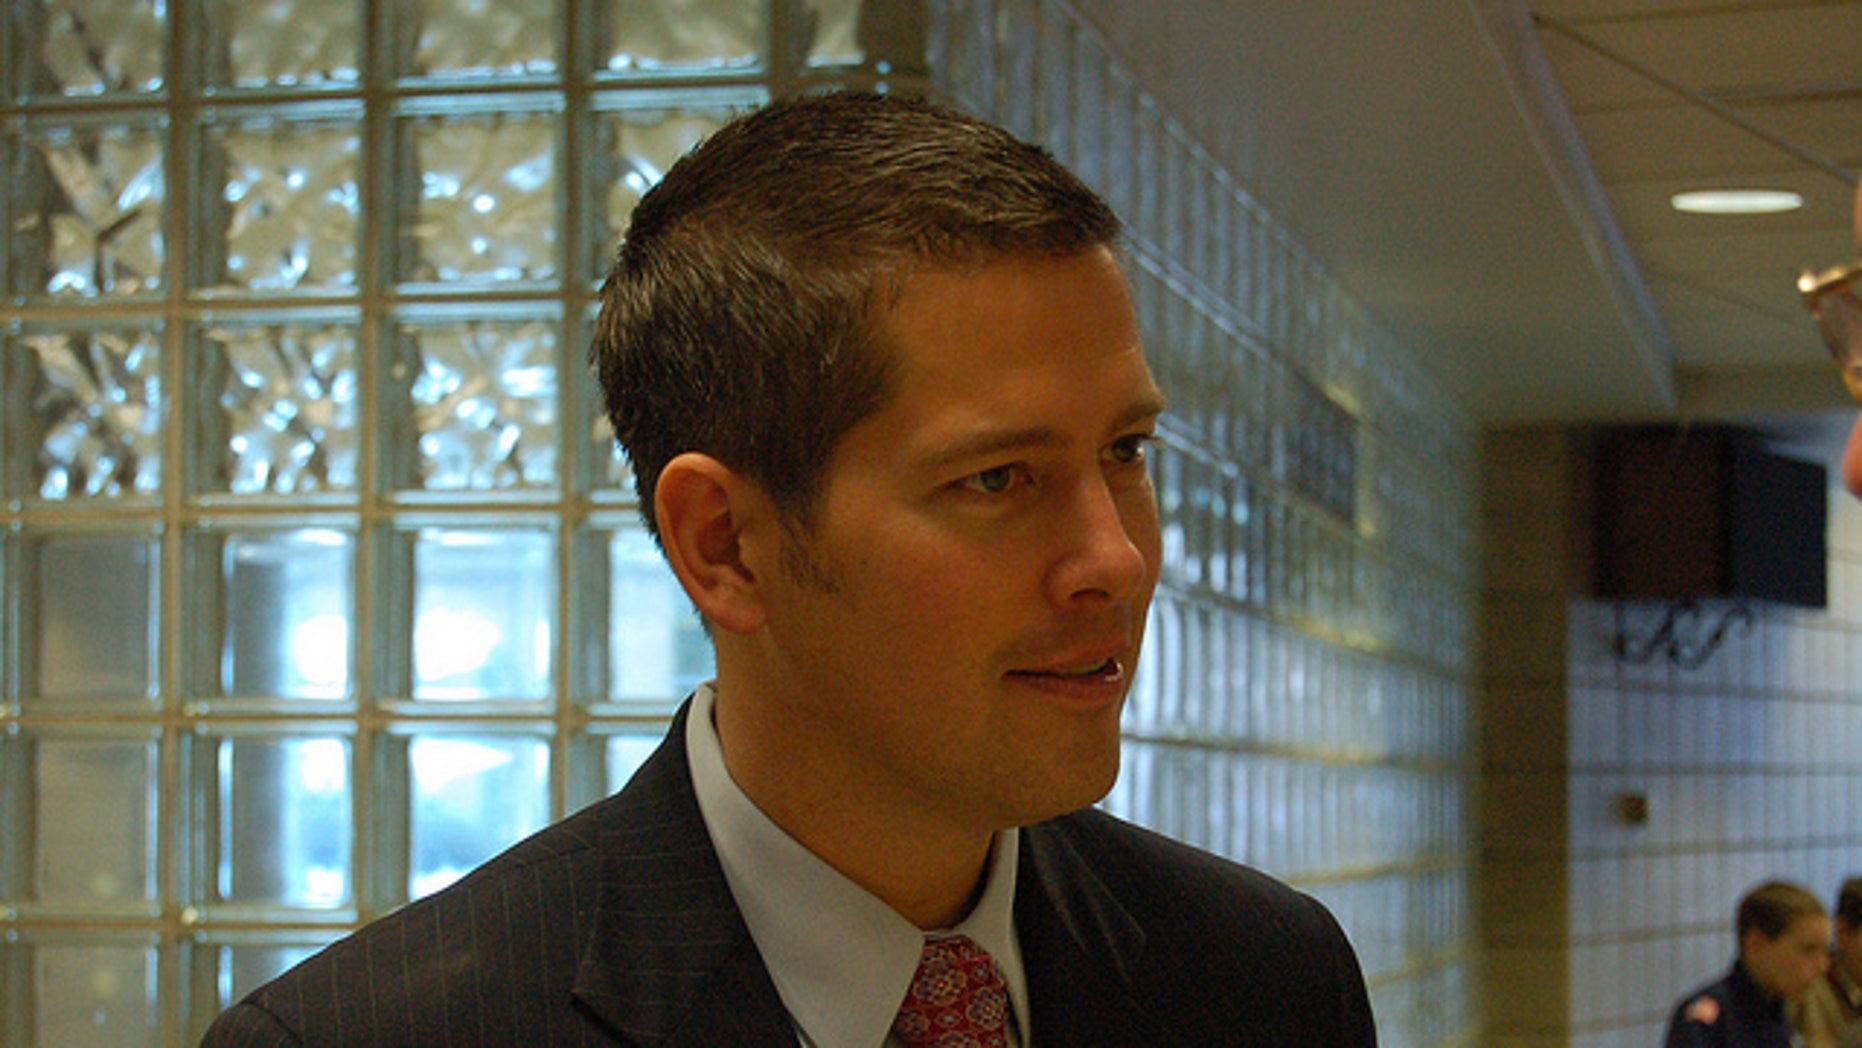 Freshman Rep. Sean Duffy in a photo from Jan. 22, 2011